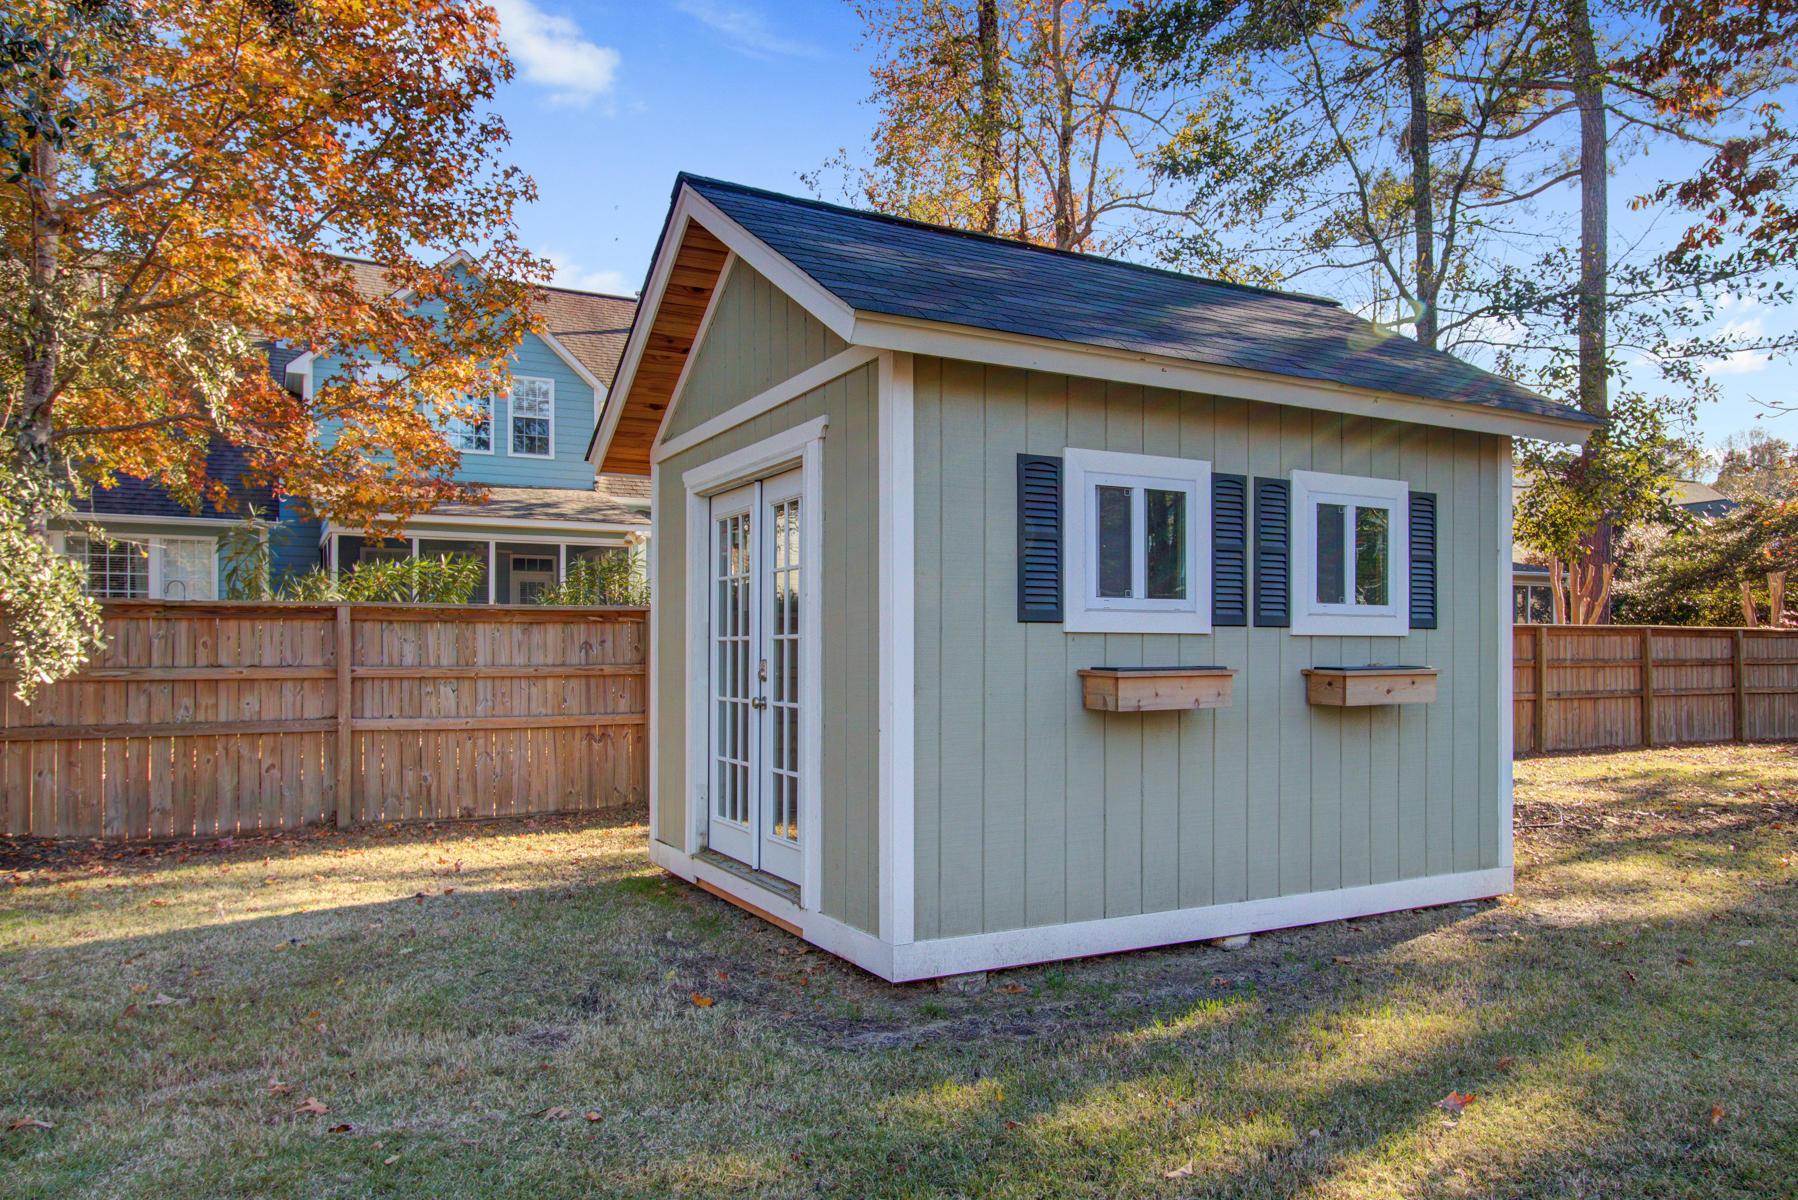 Dunes West Homes For Sale - 2104 Short Grass, Mount Pleasant, SC - 14